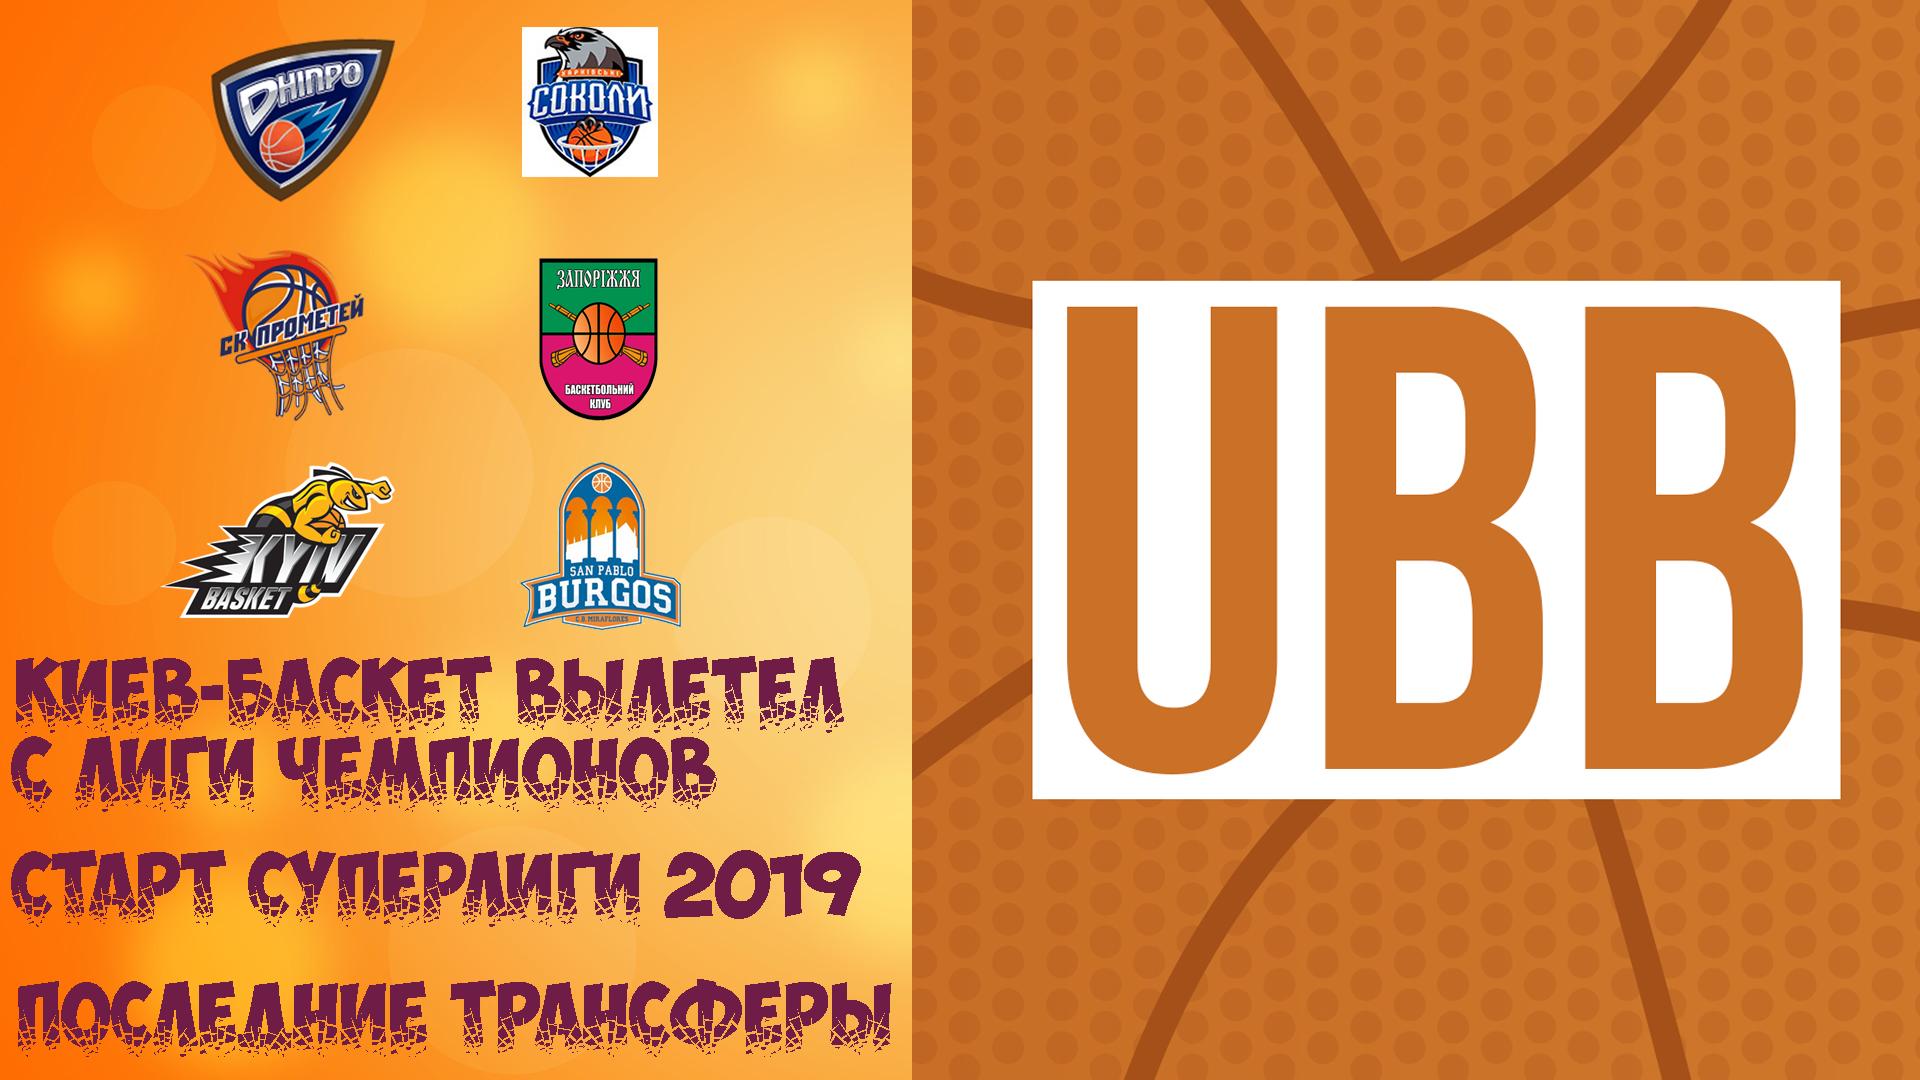 Вылет Киев-Баскета из Лиги Чемпионов ФИБА, cтарт украинской суперлиги и последние трансферы клубов